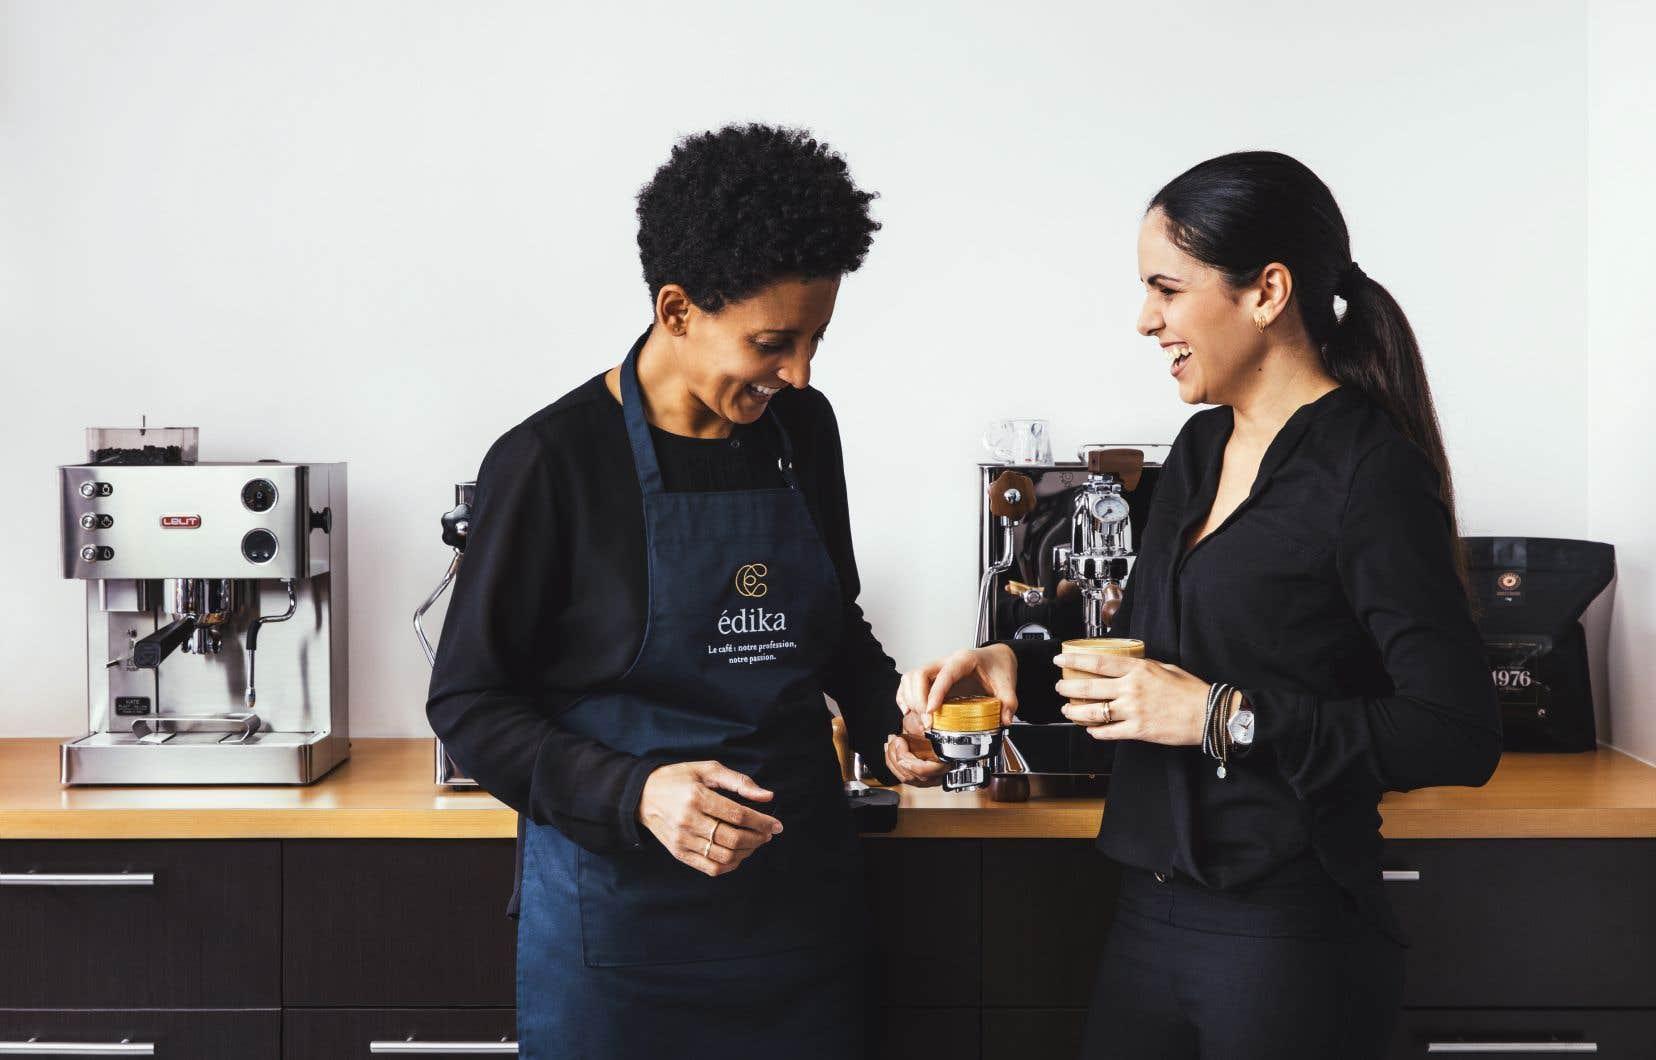 Une barista maison, à gauche, donne sur place des formations spécialisées et refile aux clients les secrets d'un café parfait.